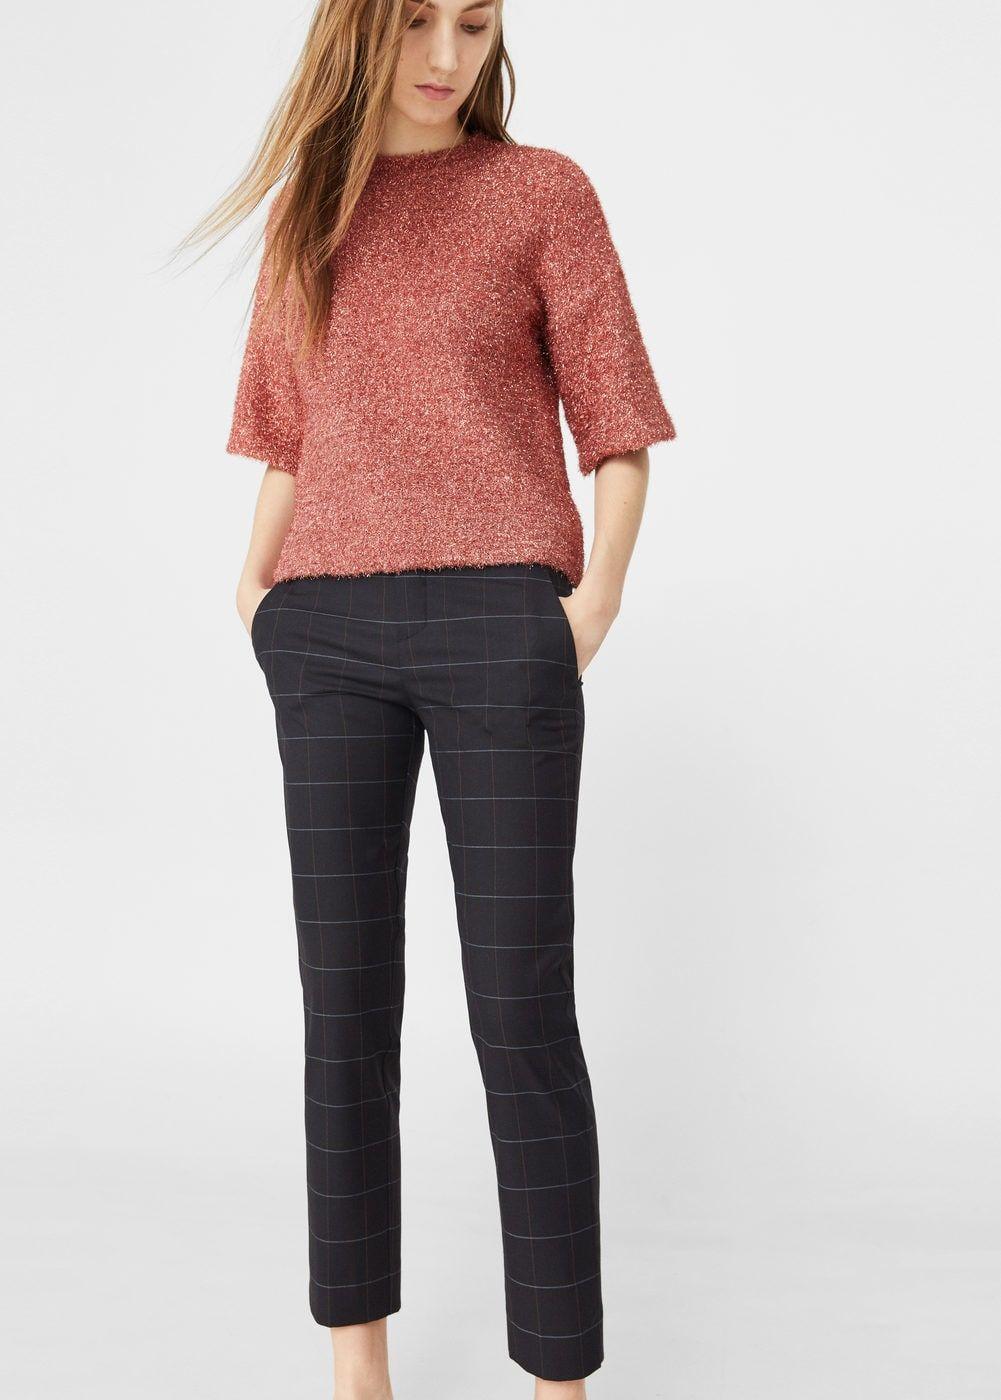 precio moderado donde puedo comprar mejor Pantalón traje cuadros - Mujer | moda in 2019 | Pants for ...